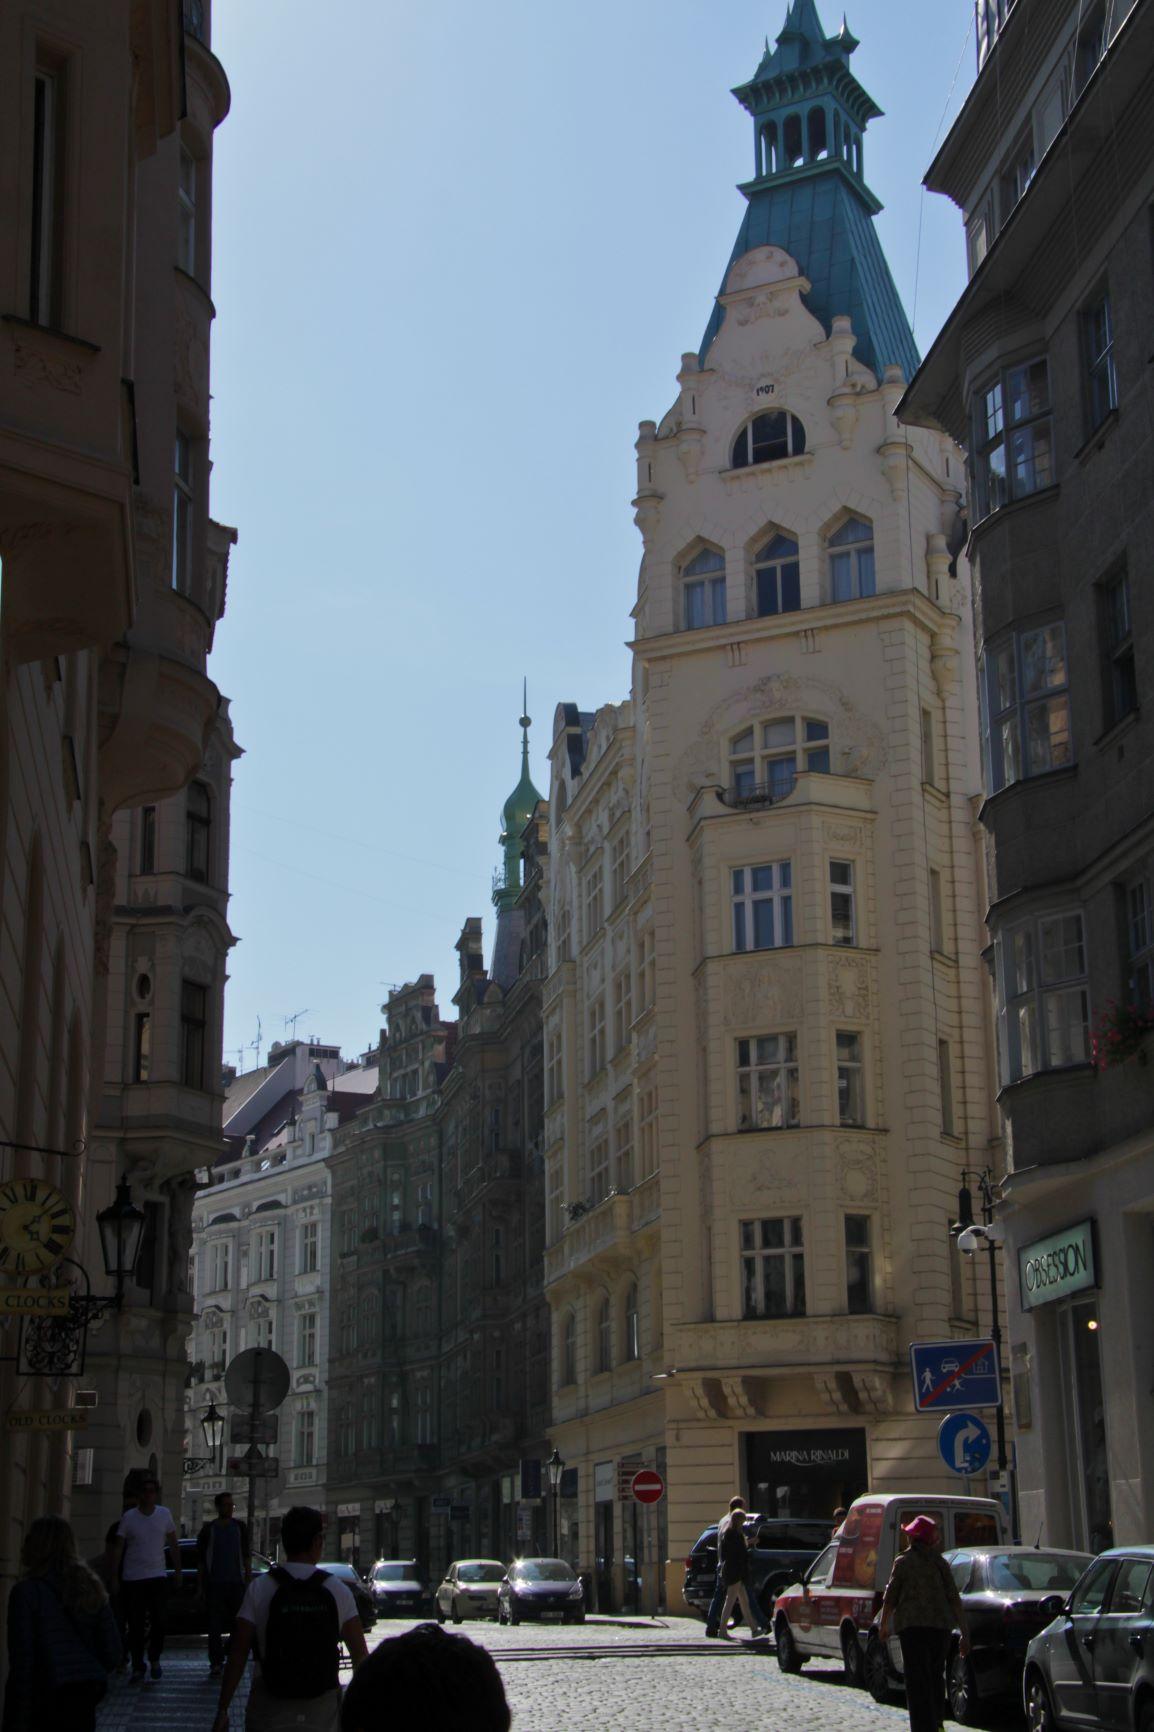 Квартал Йозефов, Прага, Чехия. Сентябрь, 2014